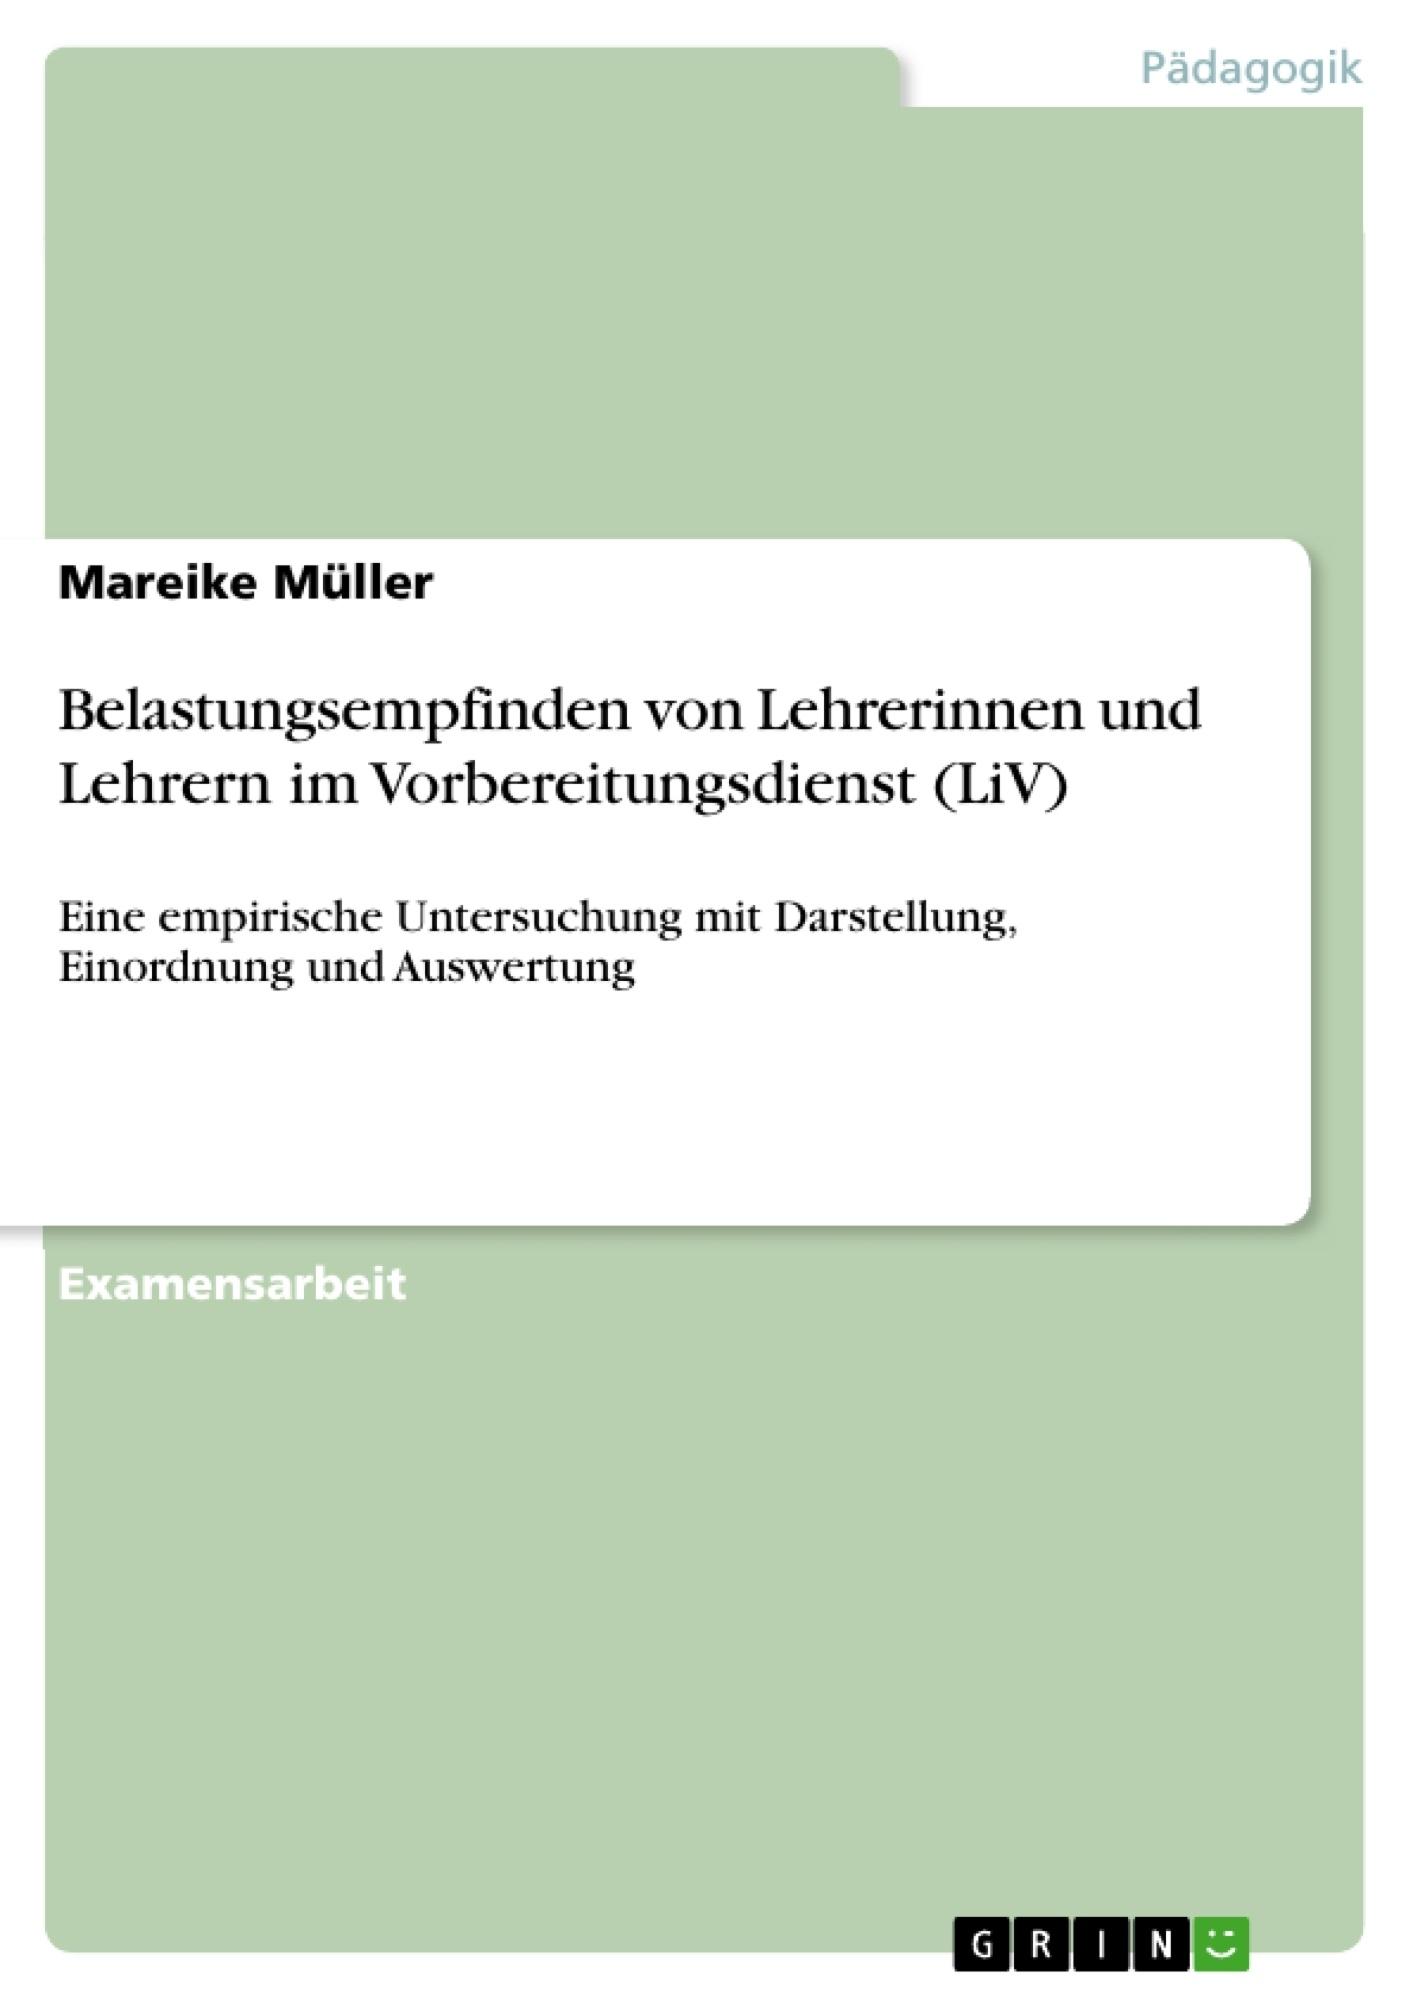 Titel: Belastungsempfinden von  Lehrerinnen und Lehrern im Vorbereitungsdienst  (LiV)